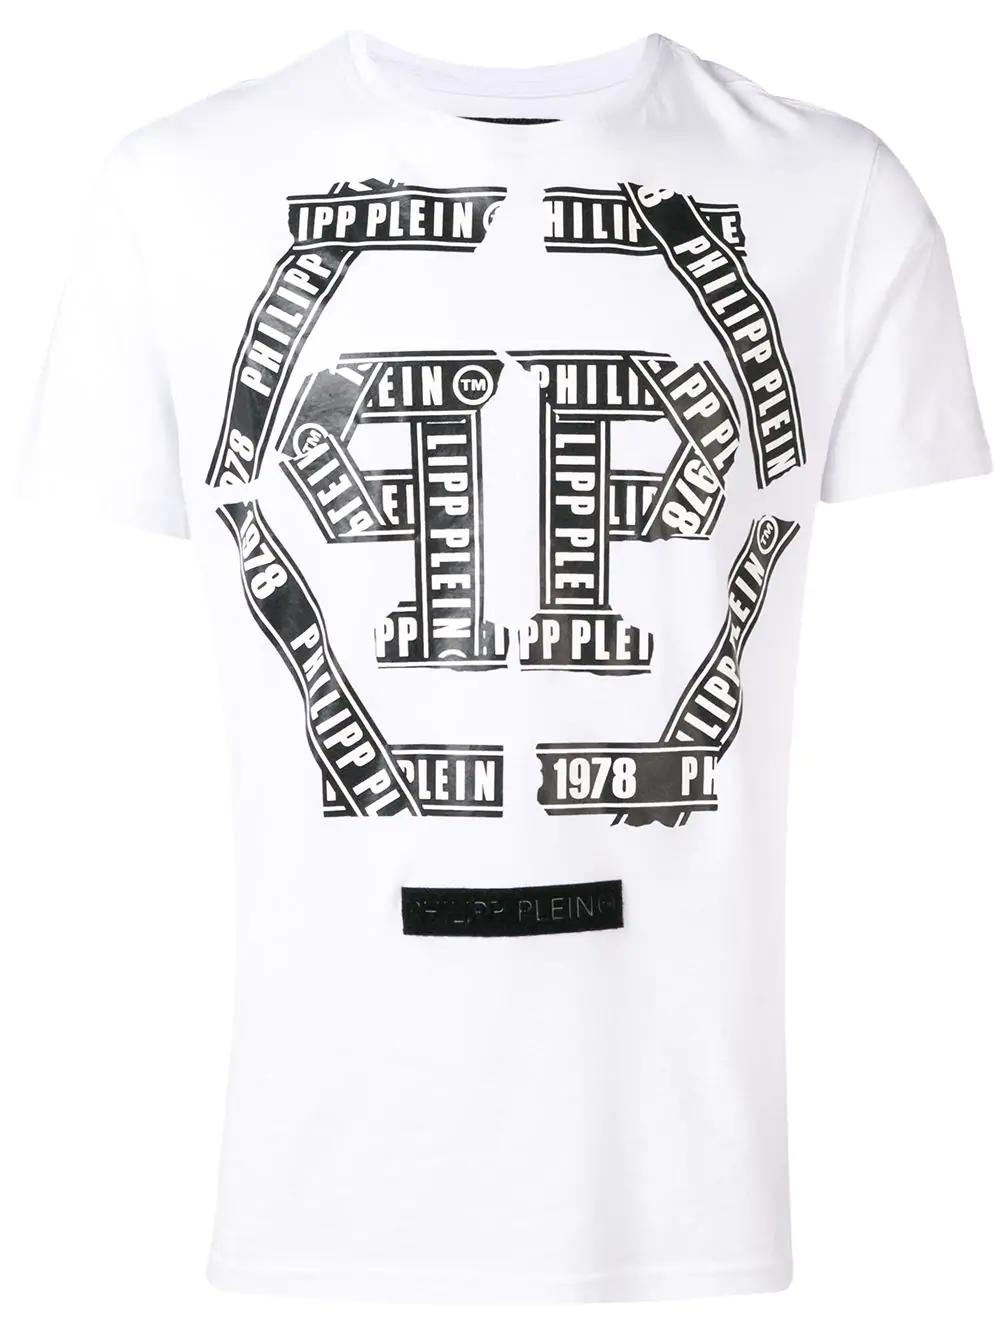 4b0f9940d8395 Philipp Plein T-Shirt Mit Logo-Patch - Weiß In White